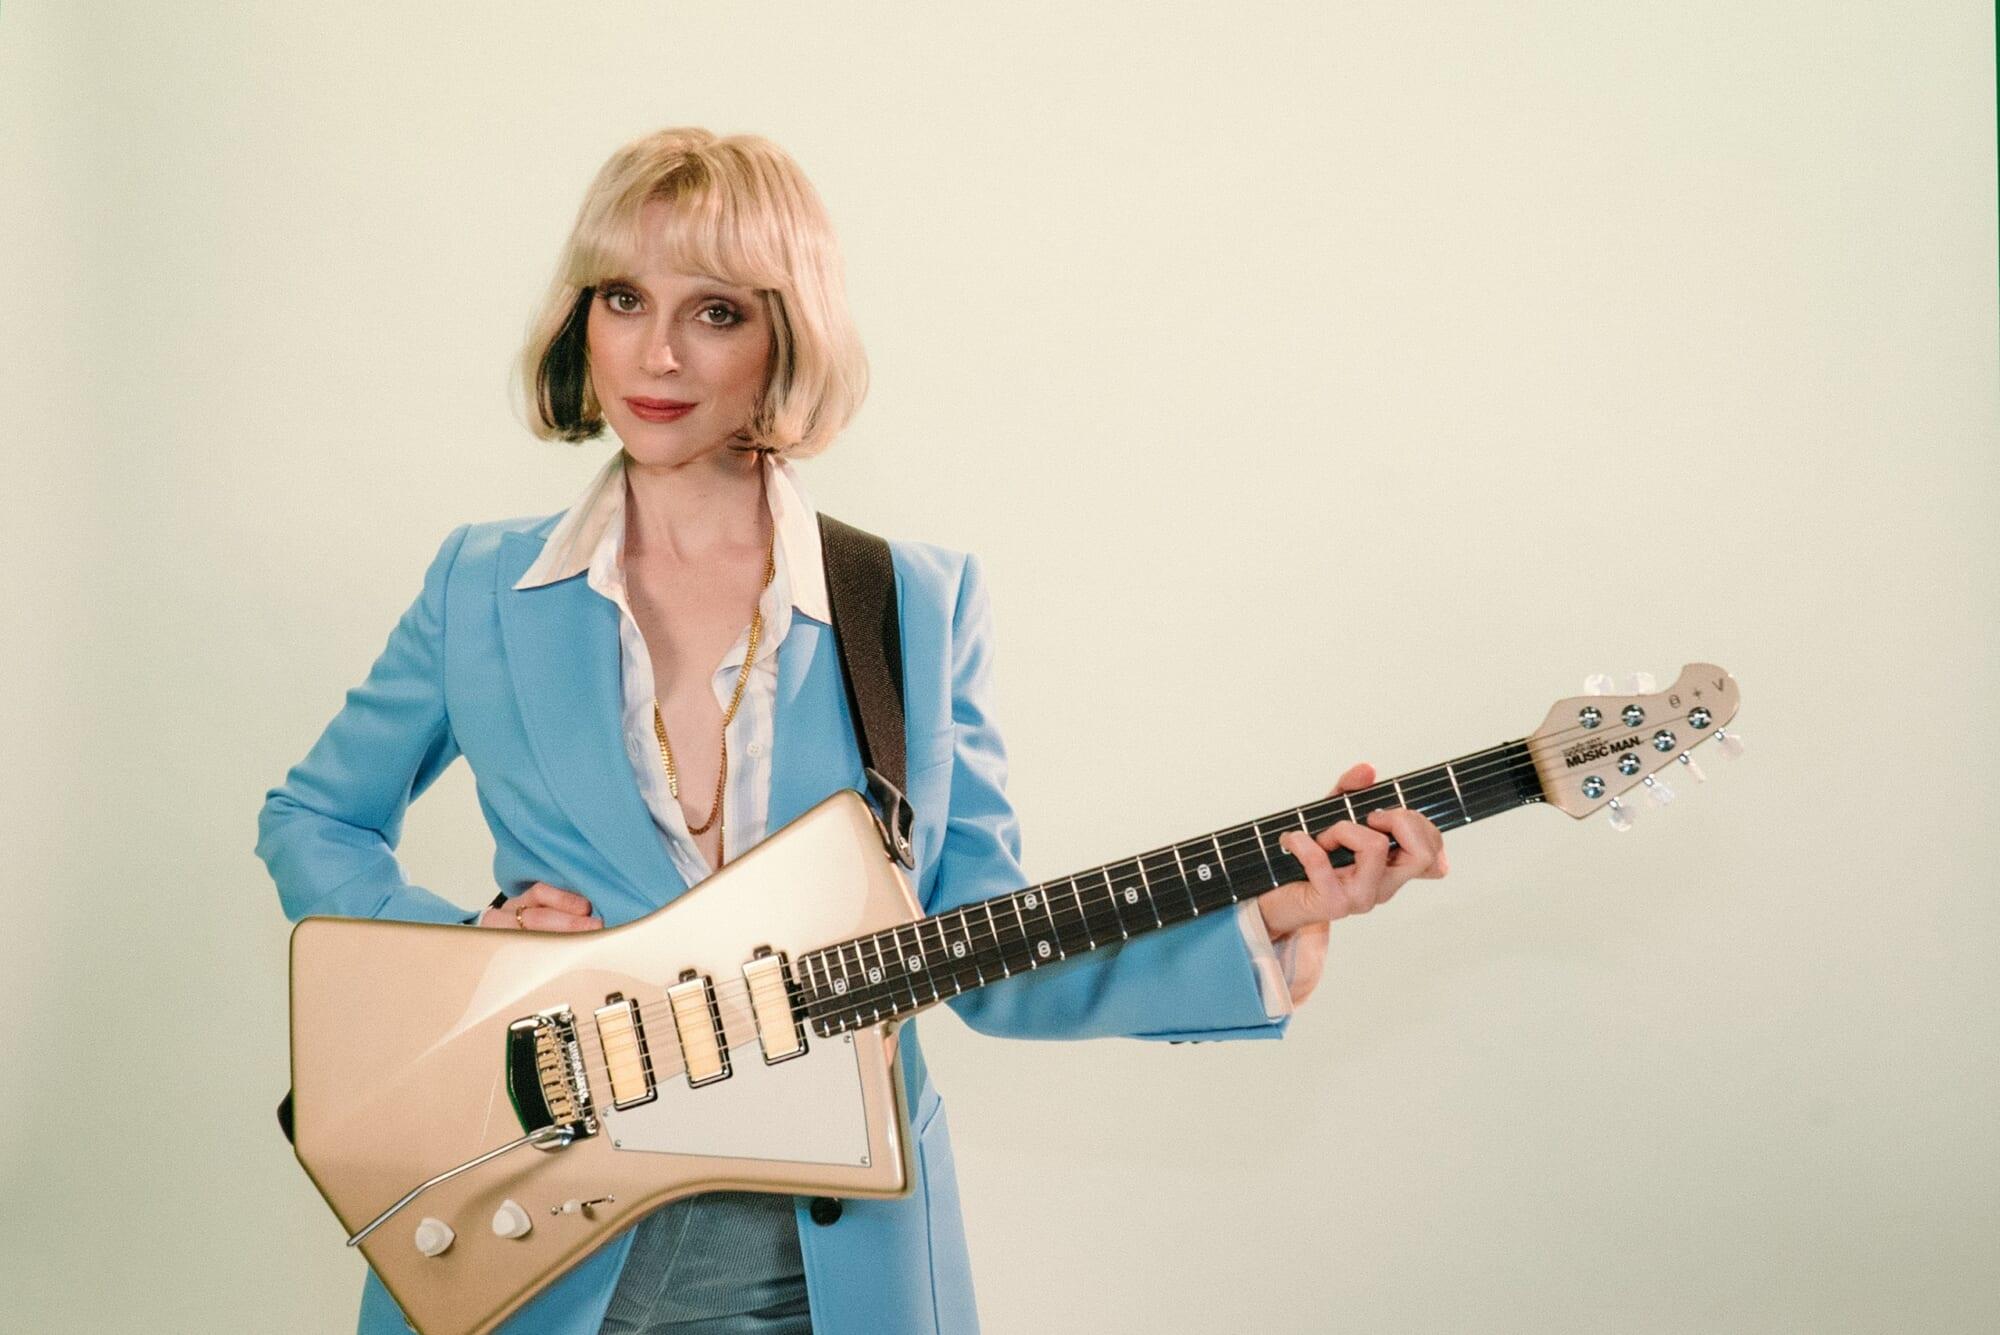 特集:セイント・ヴィンセント時代の先を行く表現者はギターに何を求めるのか